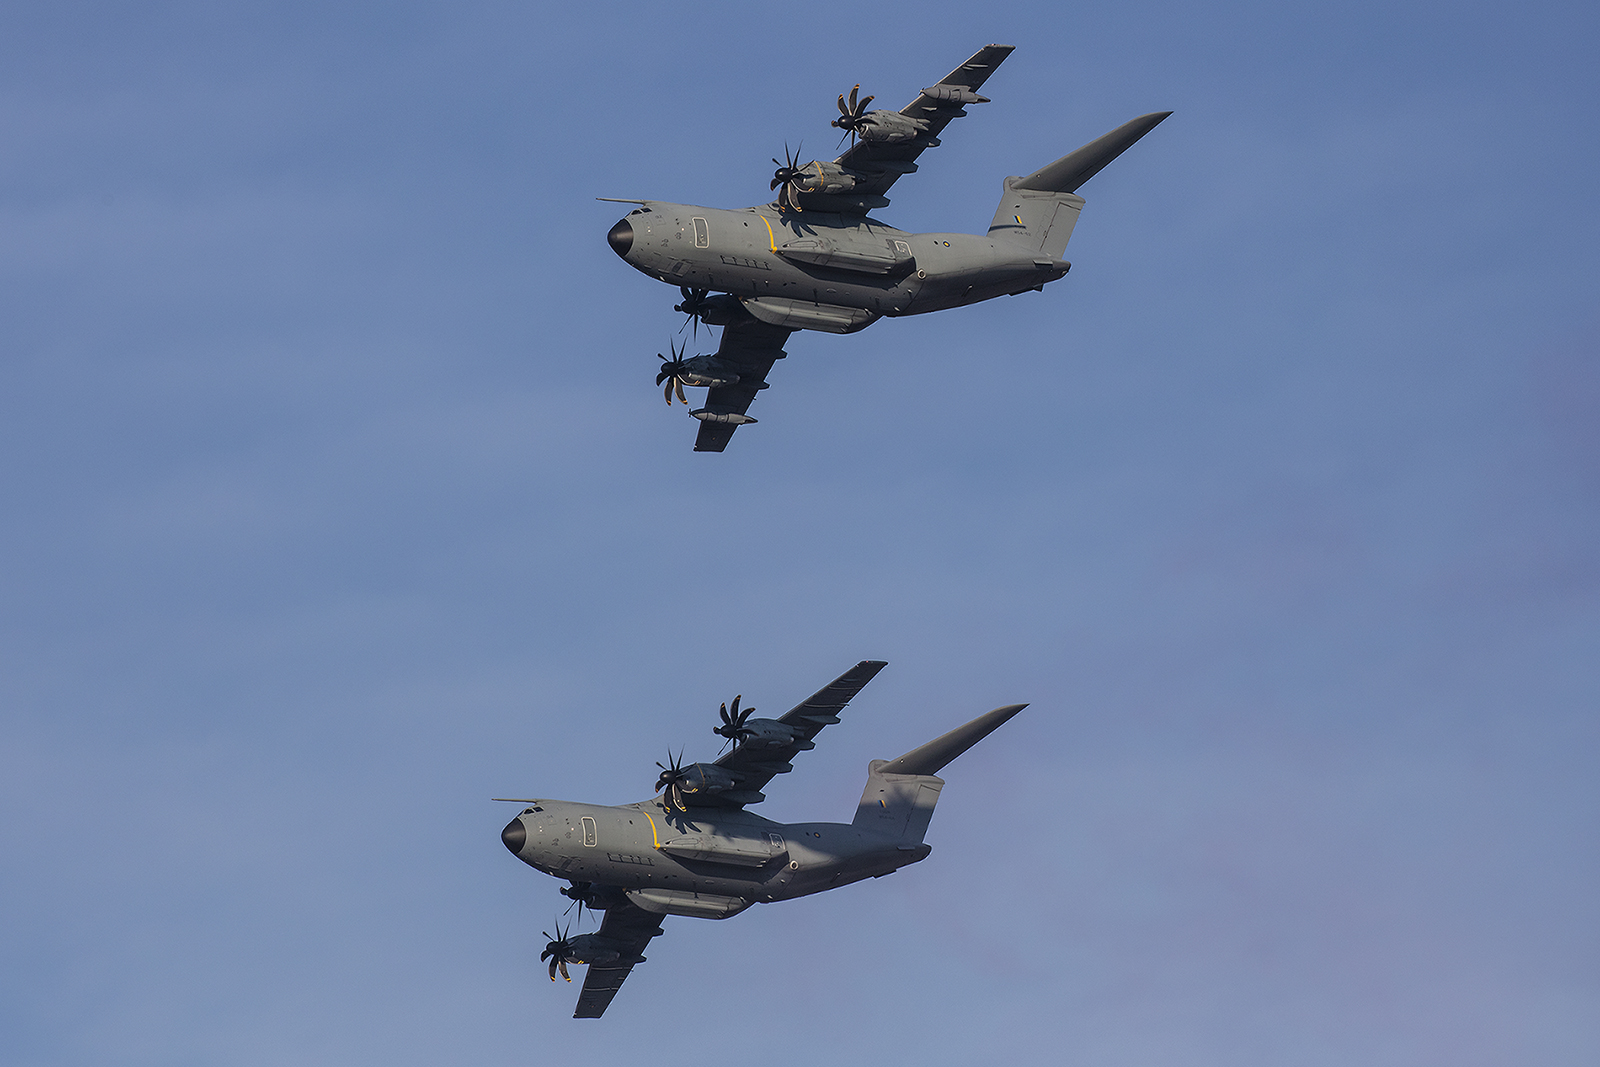 Die RMAF hat vier Airbus A400M, von denen drei in der Vorführung flogen.